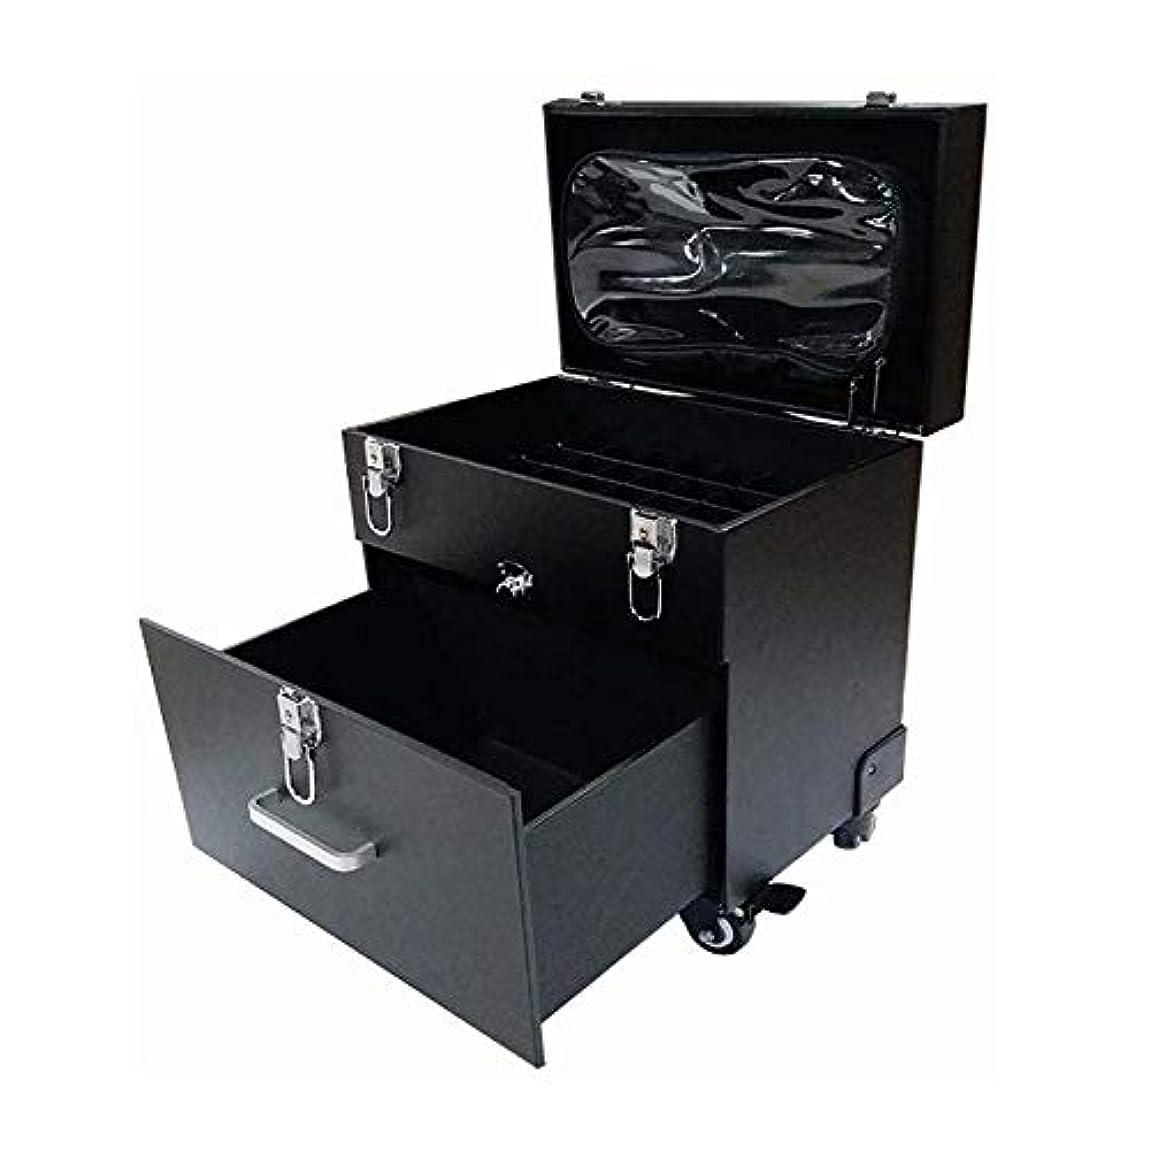 レガシーつば器用YWAWJ 引き出しタトゥーユニバーサルホイールネイル特殊ツールボックスローリングトラベルケース付きメイクアップアーティストローリングメイクトロリーアーティストケースコスメティックオーガナイザーケース高容量 (Color : Black)